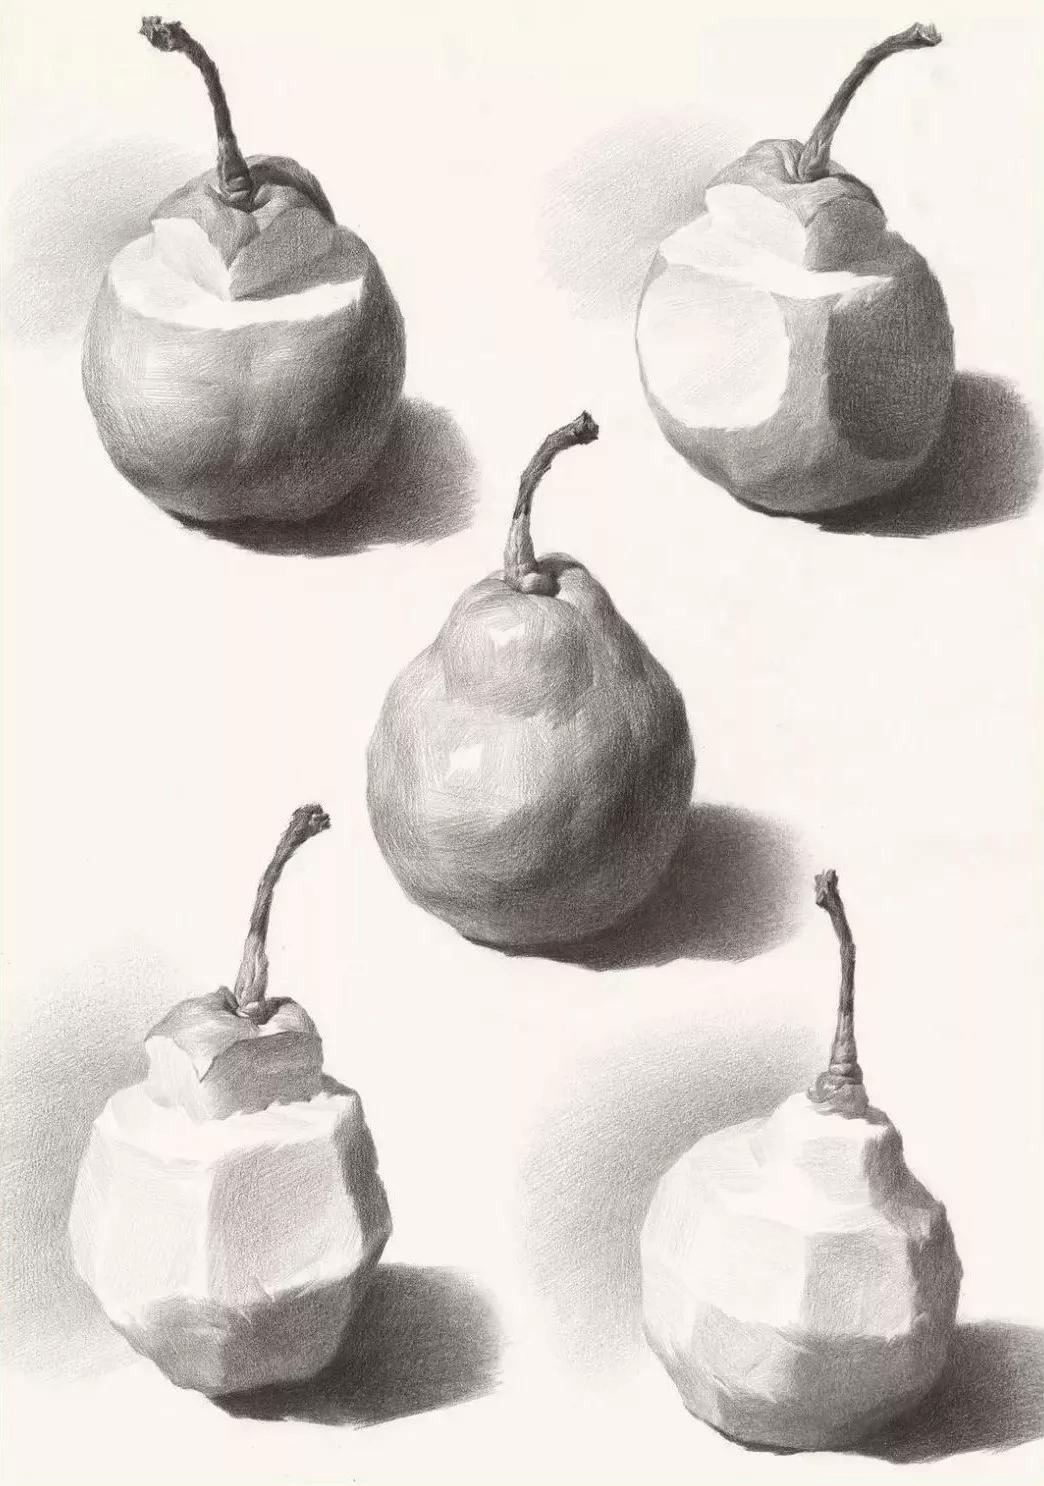 广州画室,素描水果